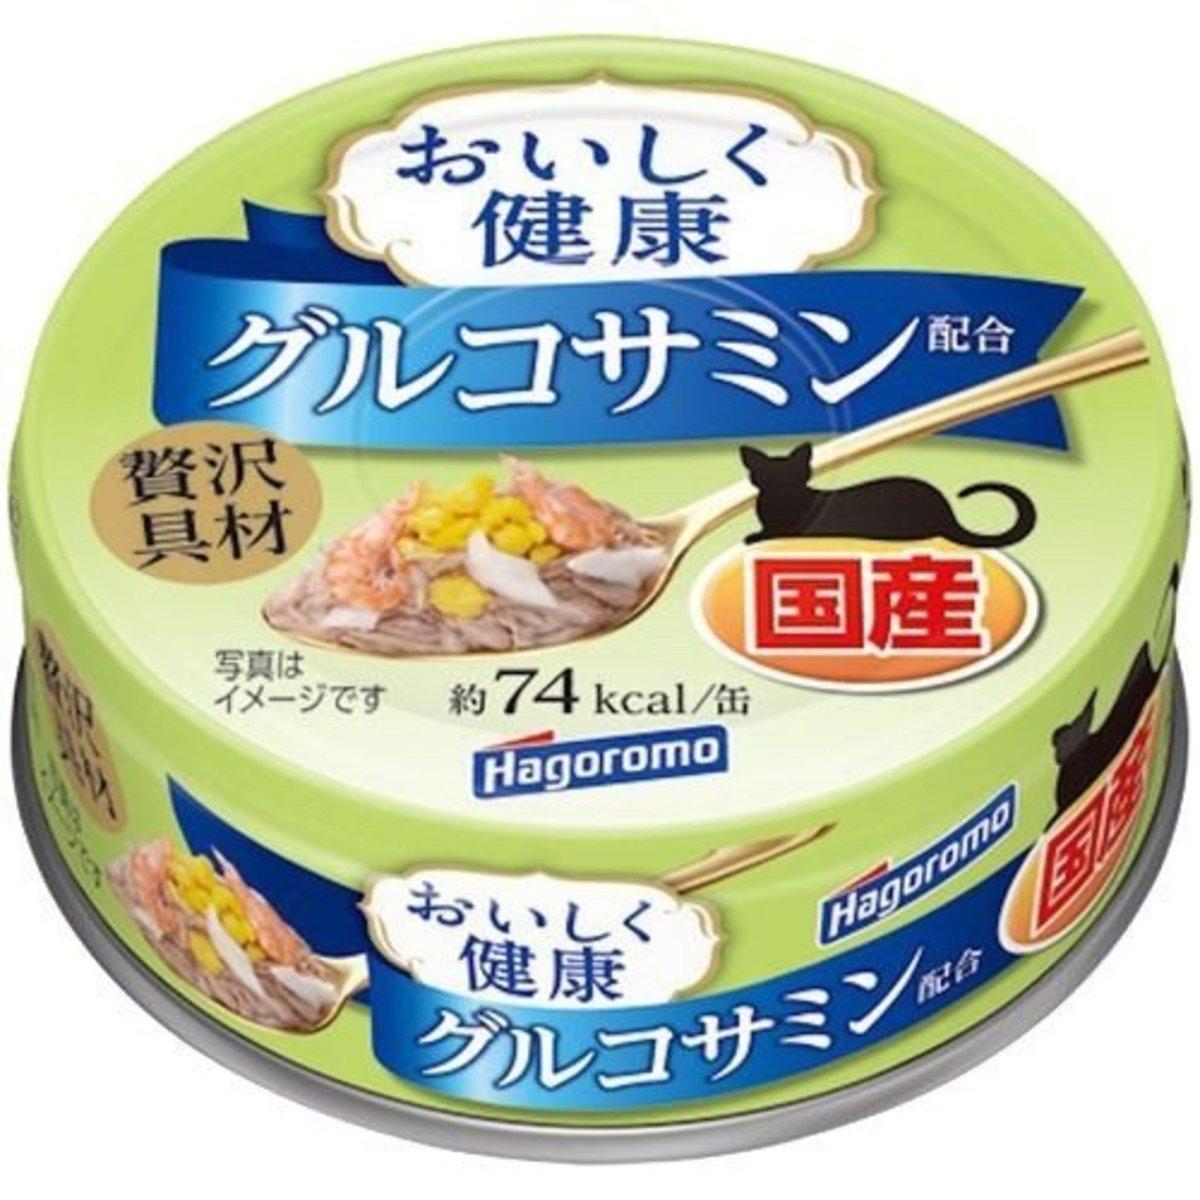 HAGOROMO 日本吞拿魚鰹魚雞蛋鯛魚扇貝 - 關節健康配方 70g (60650)(日本平行進口)